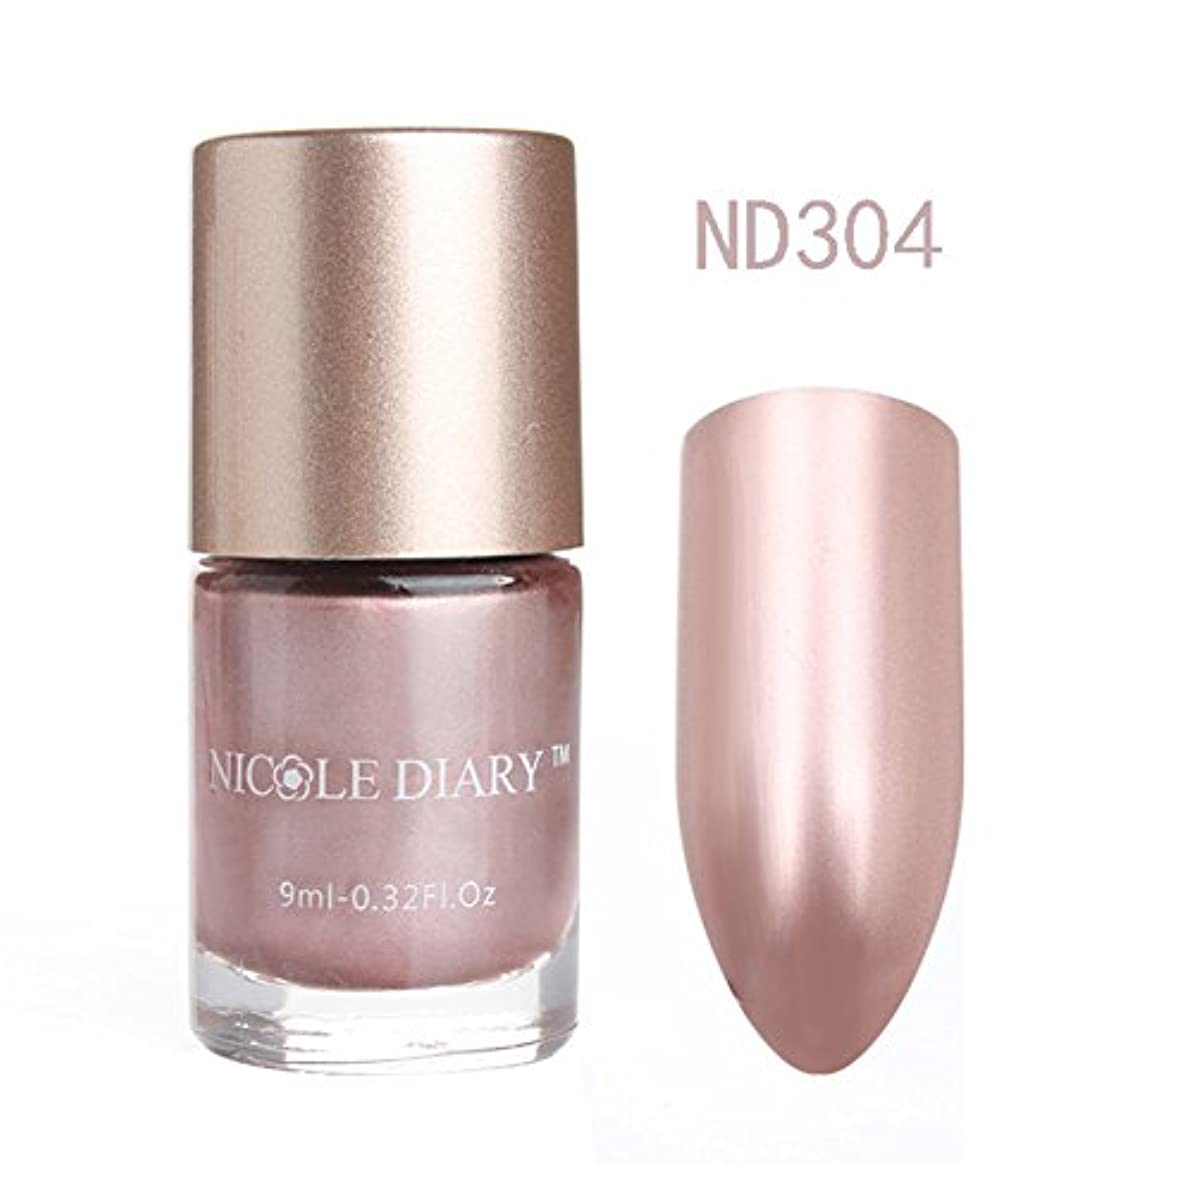 職業ギャラリー靴下9ml NICOLE DIARY メタルネイルポリッシュミラーパウダー効果キラキラメタルポリッシュ 5色 (Color:ND304)